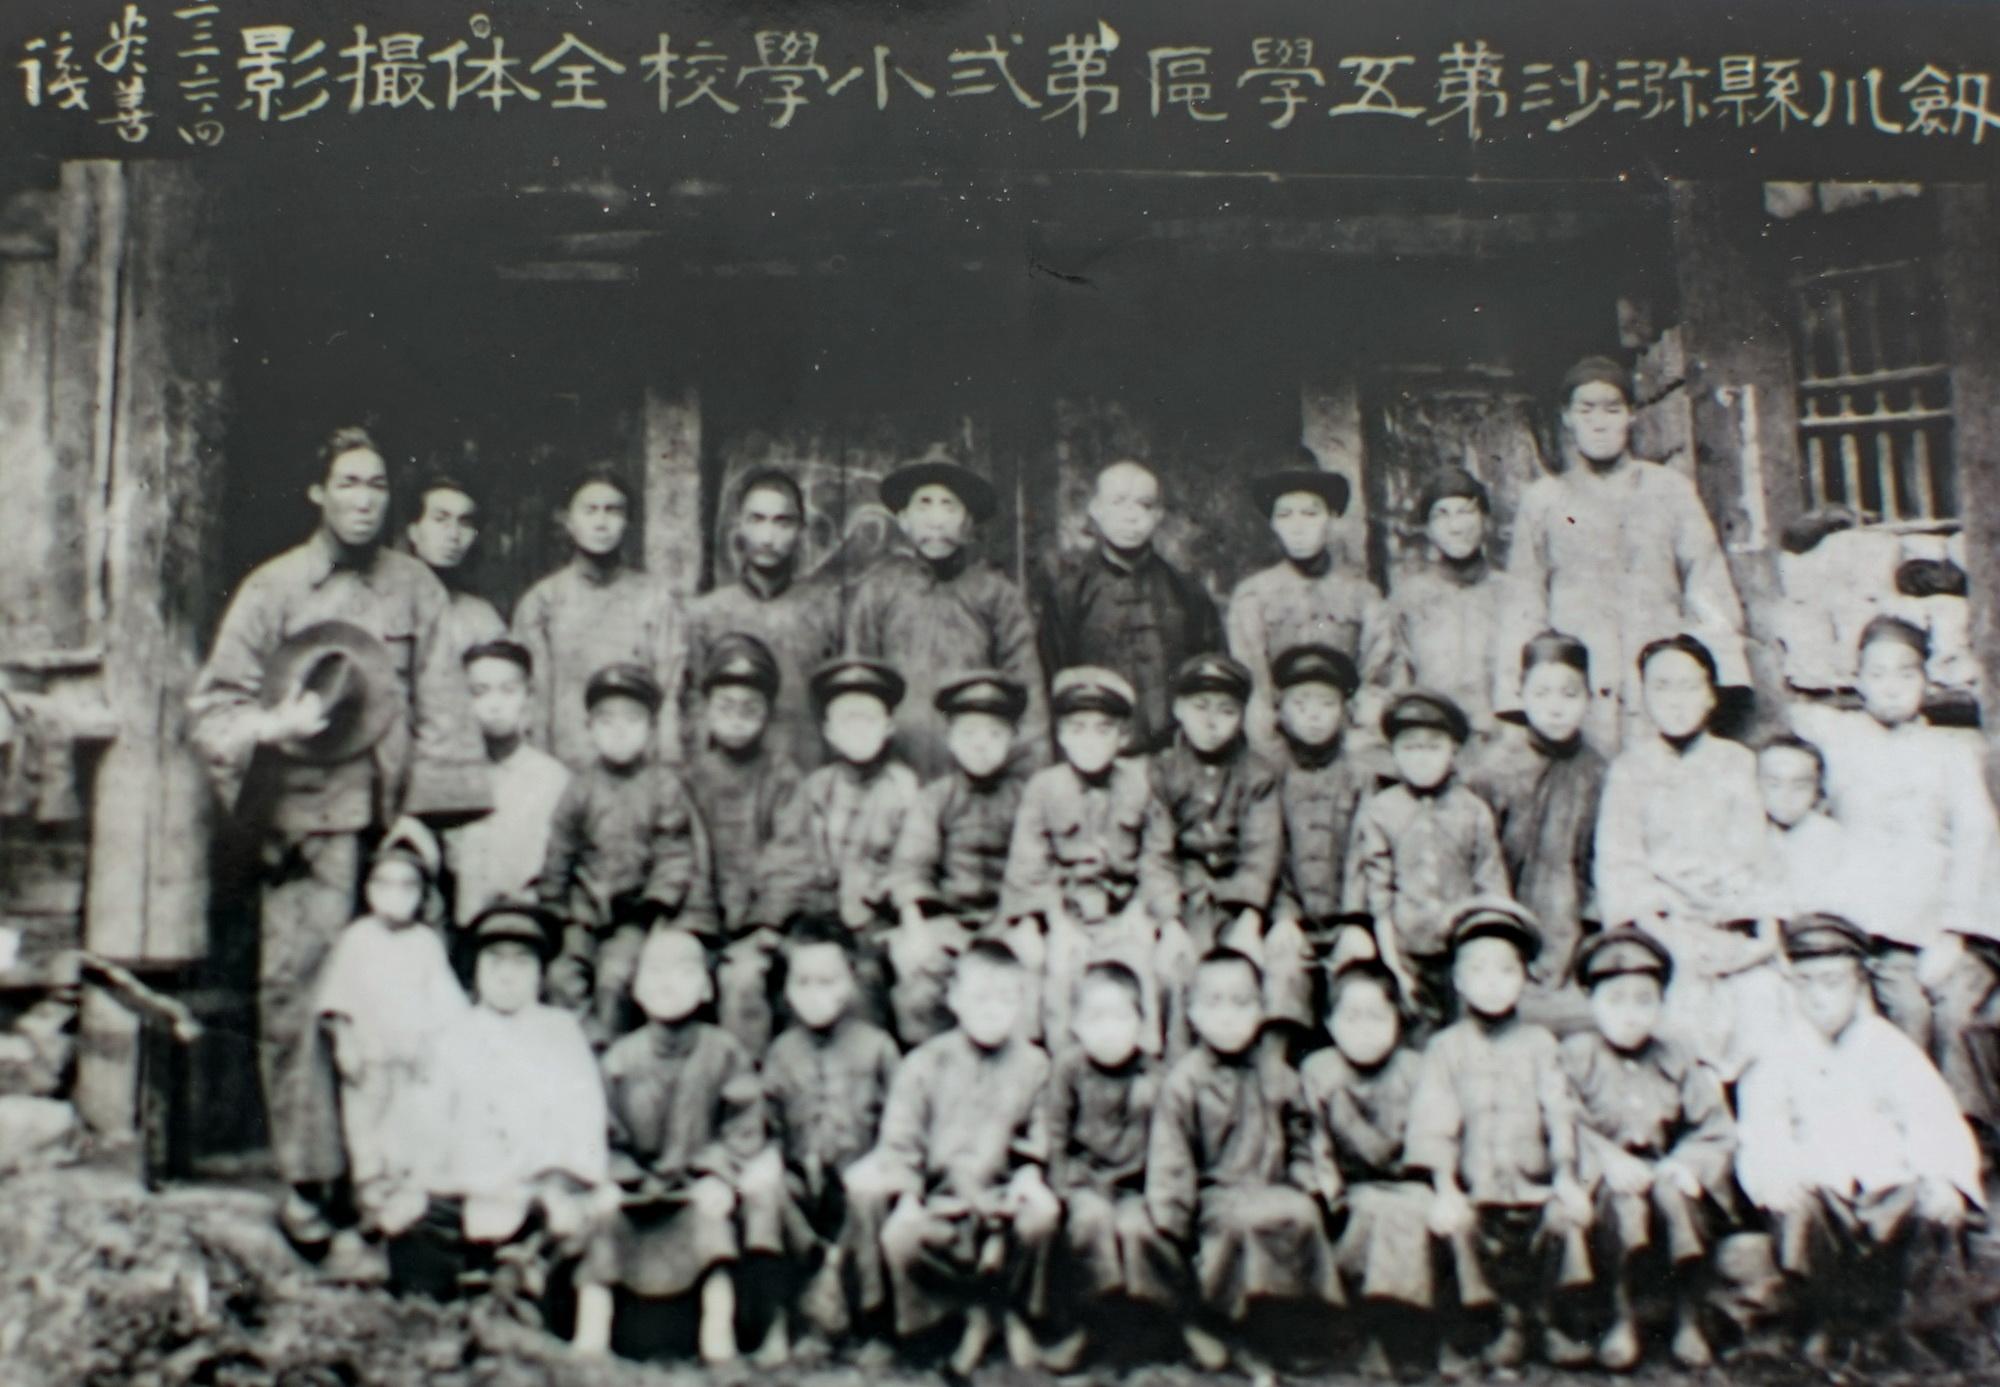 四十年前放弃高考,今天弥井百年滇剧团有了传承人